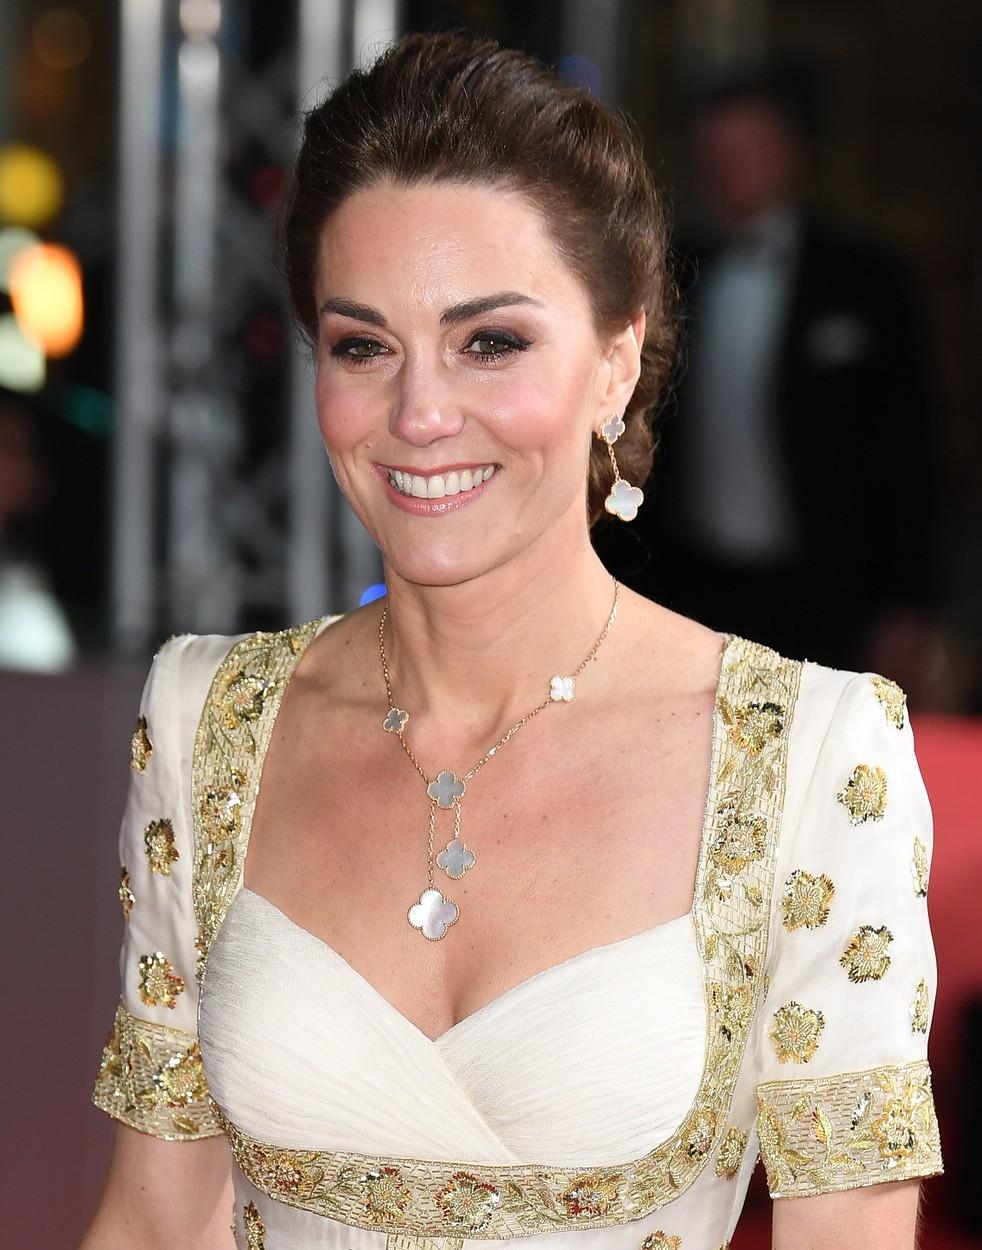 Vévodkyně Kate na 73. ročníku filmových cen BAFTA v Londýně.